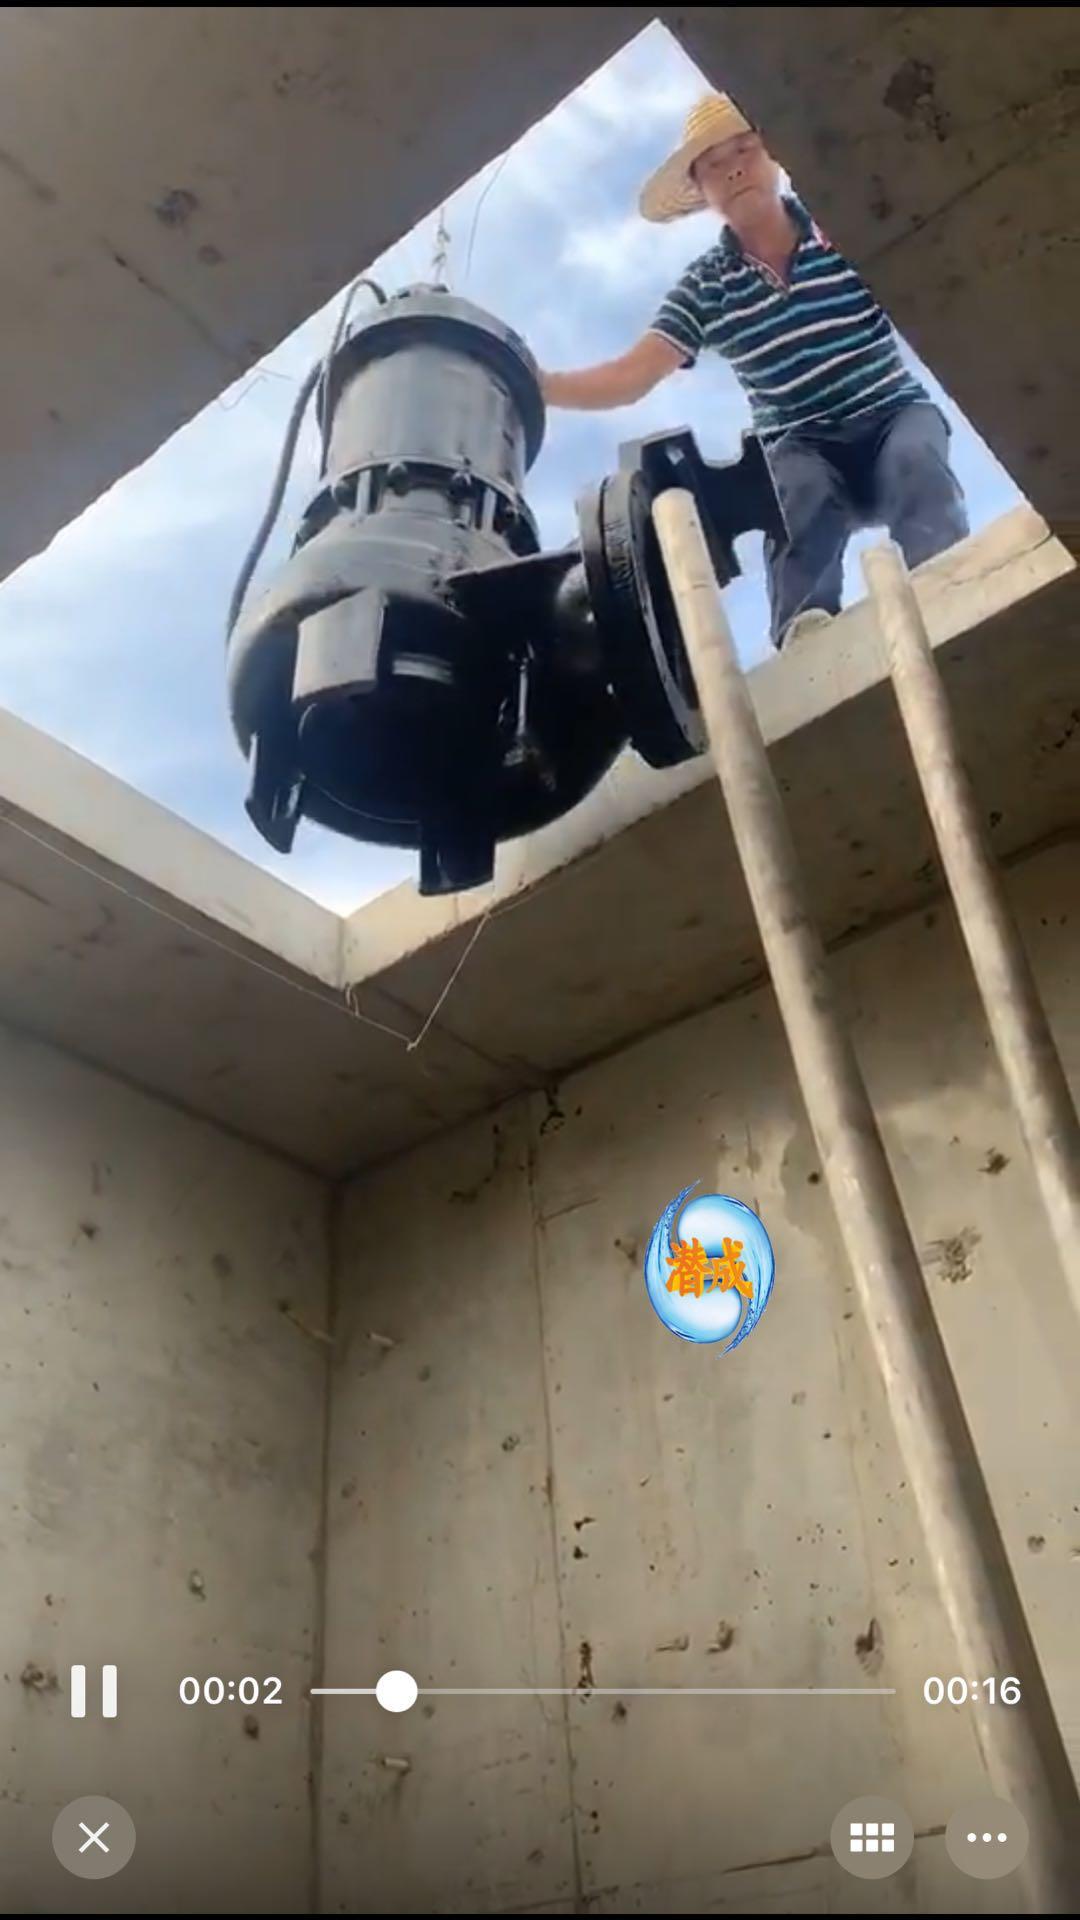 WQ潜水排污泵天津津南区现场安装第2张-潜水电机-潜水电泵-高压潜水电机-天津潜成泵业